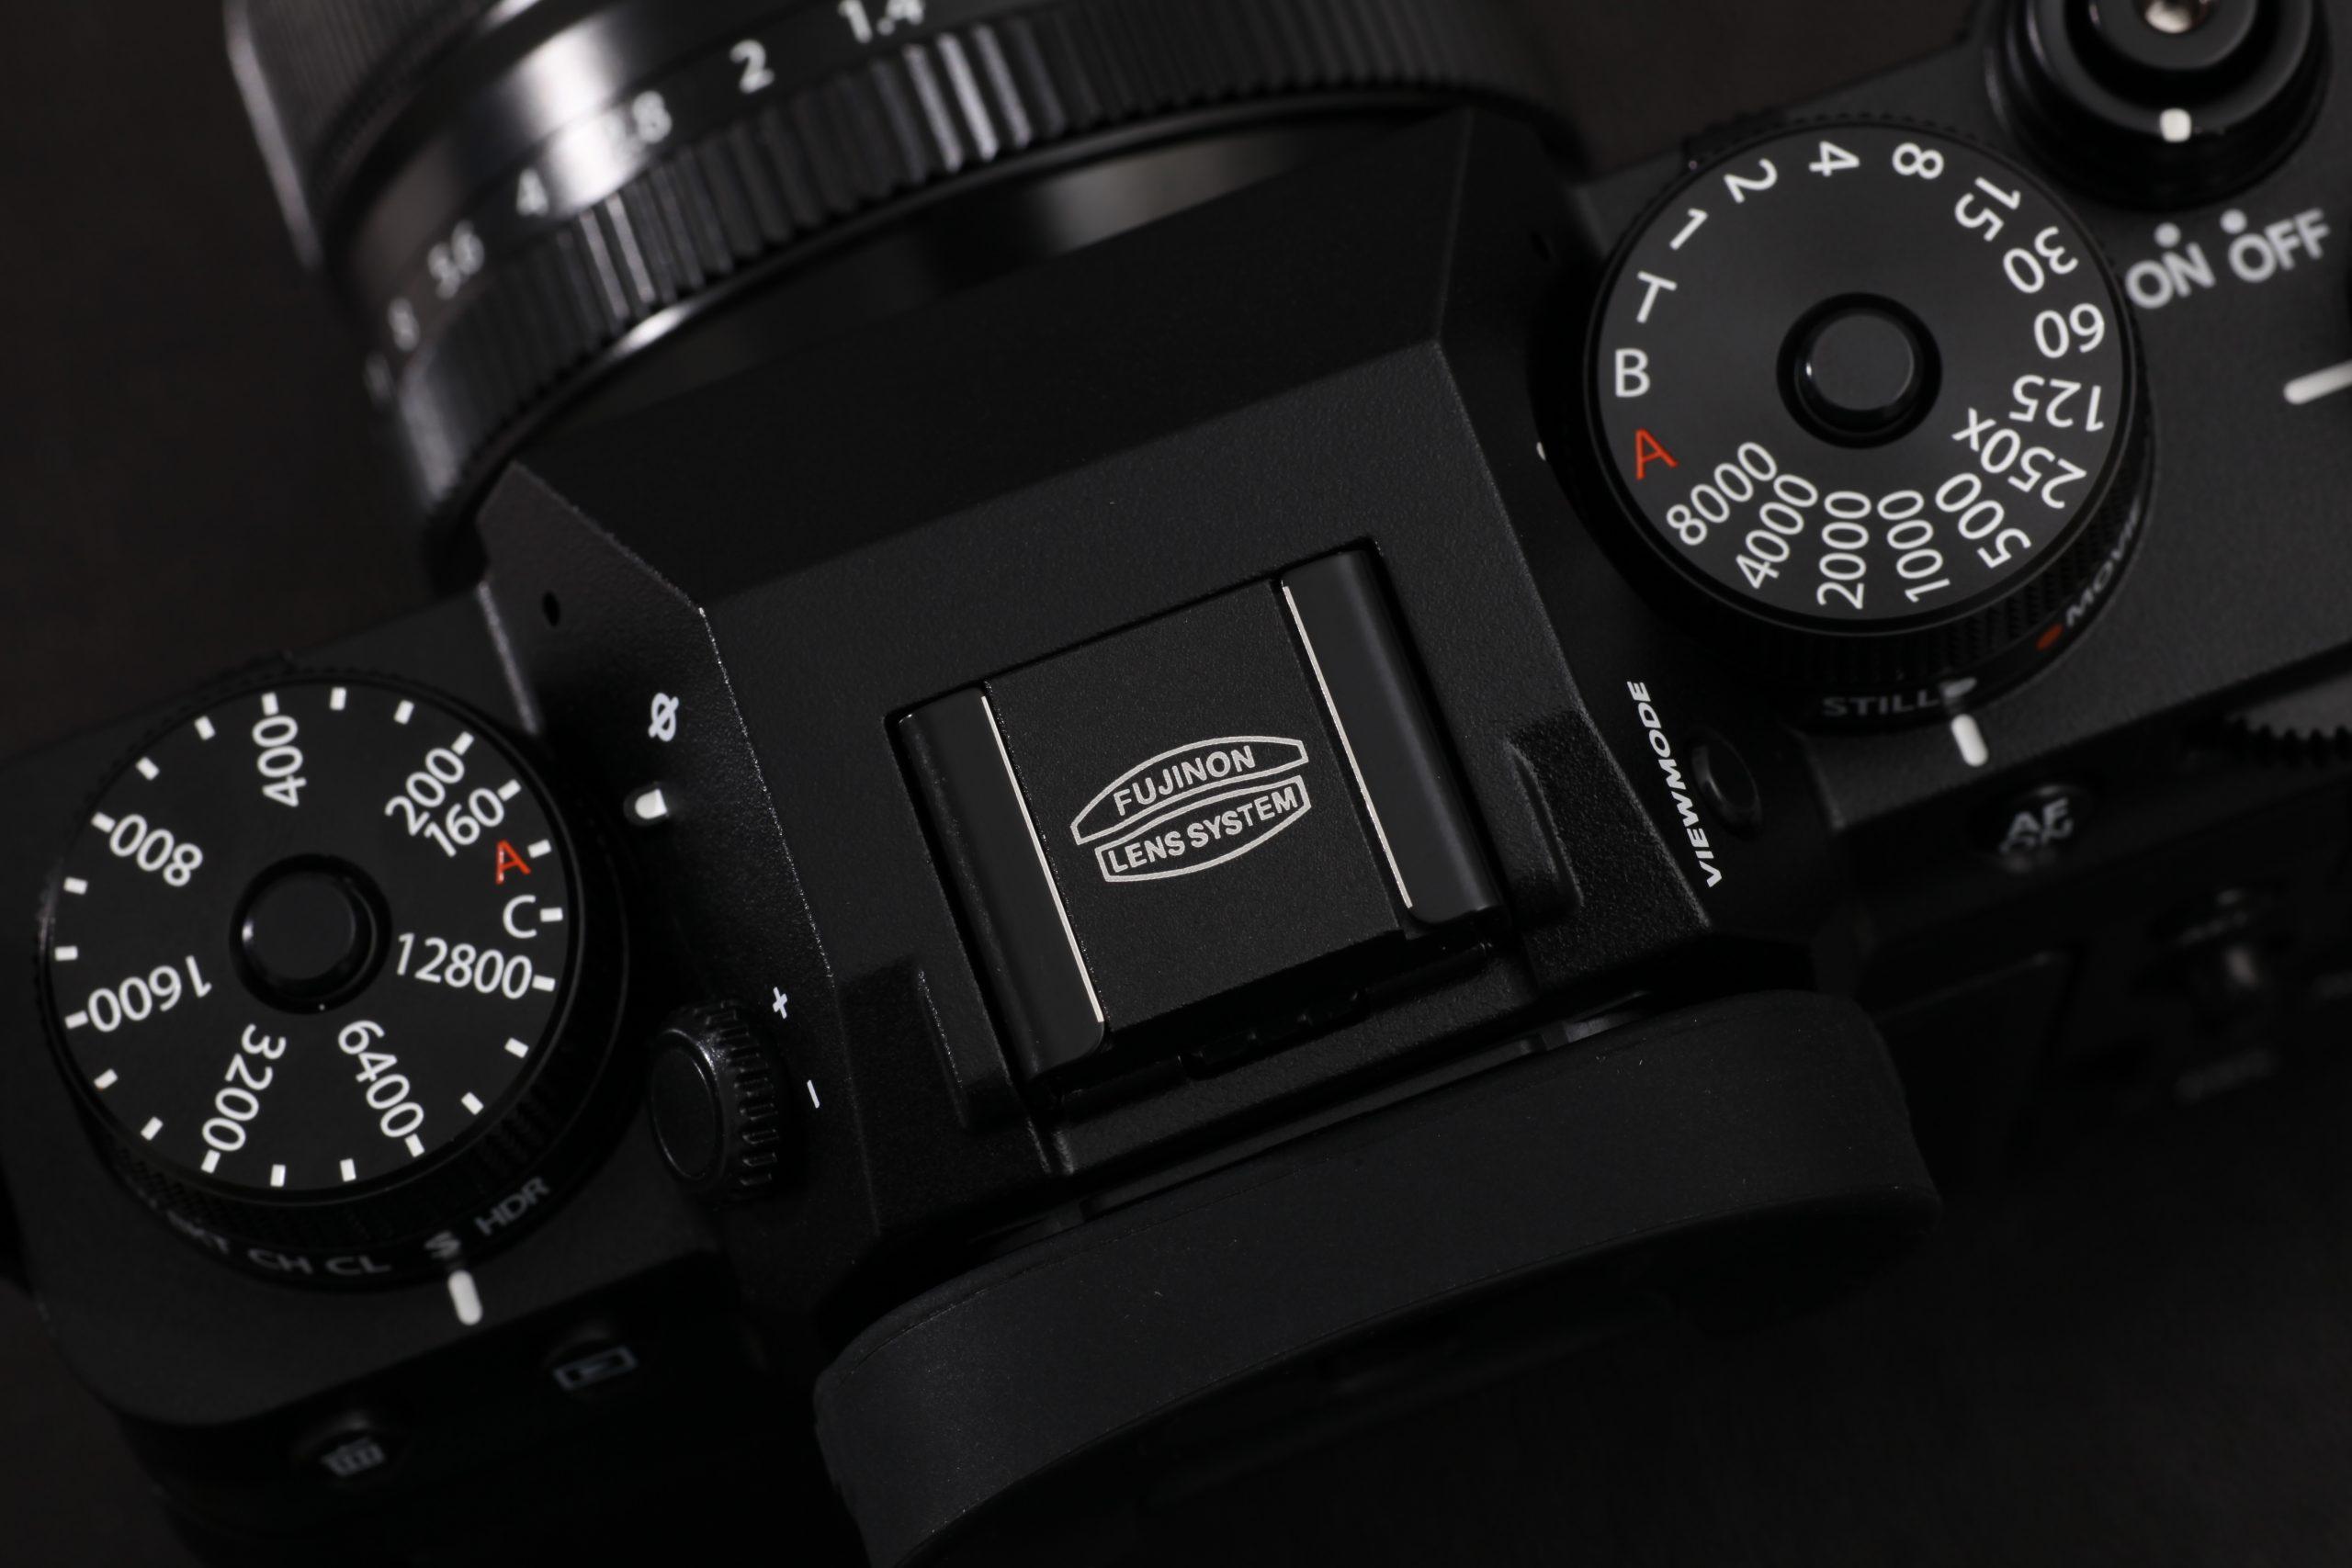 【FUJIFILM】マップカメラ限定 ホットシューカバープレゼント